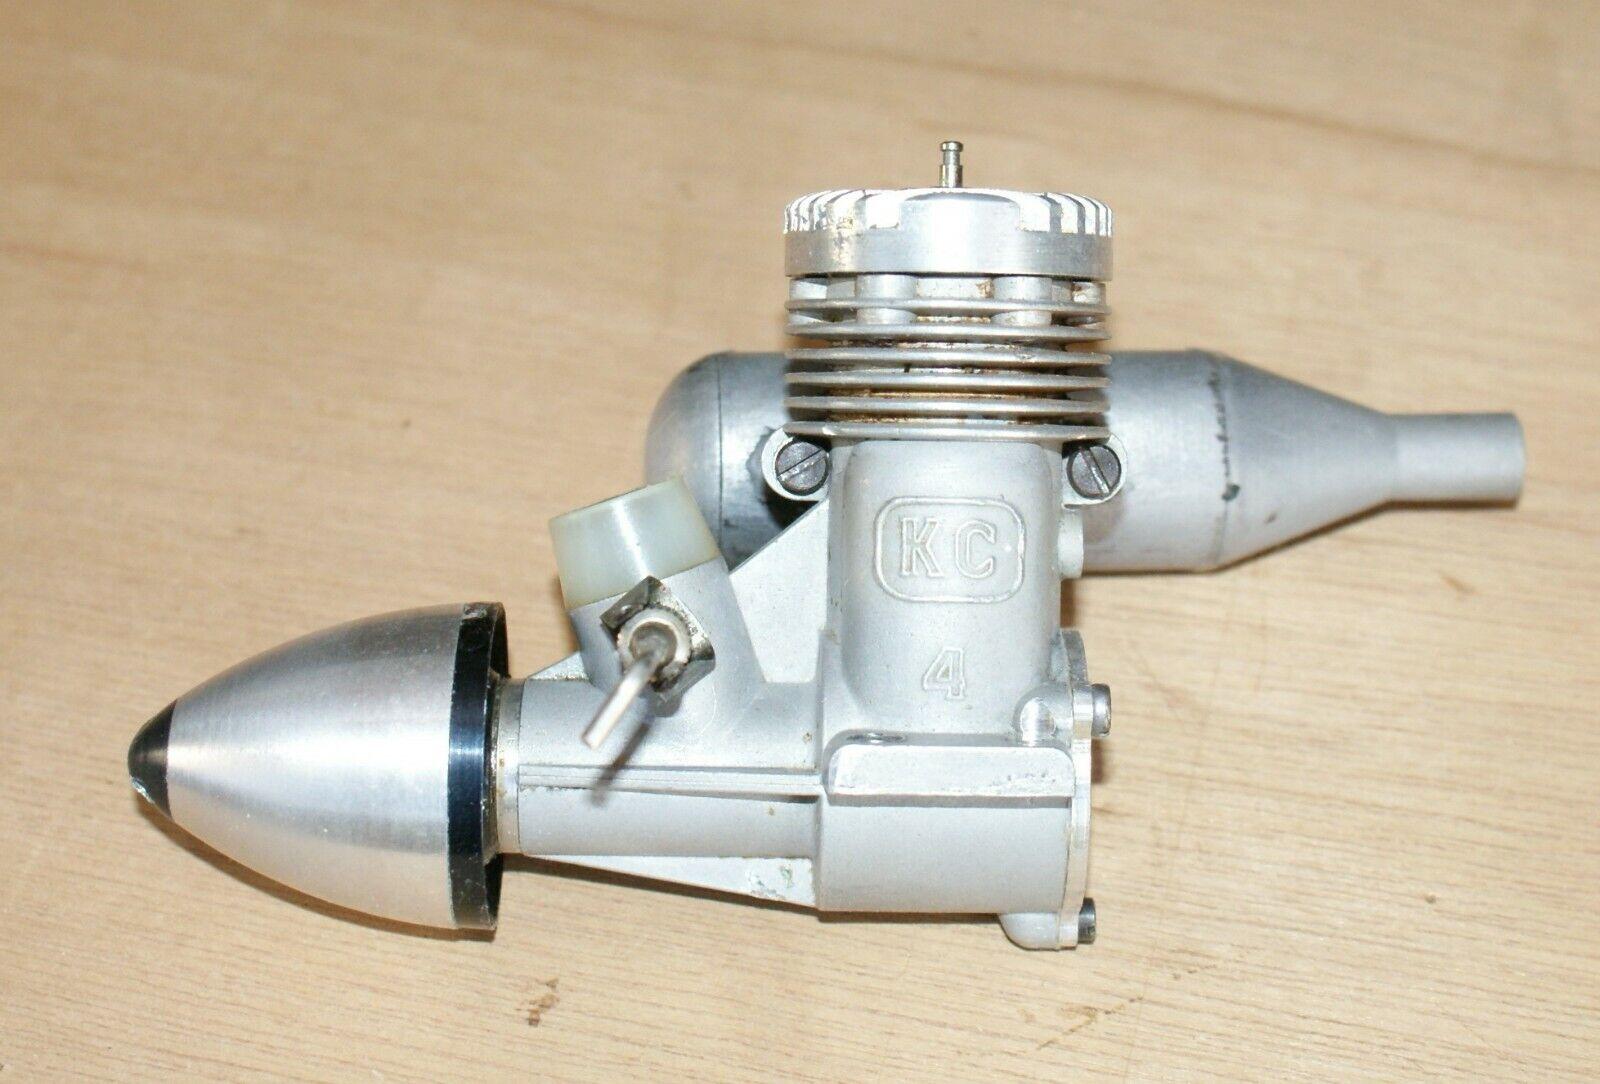 Moteur glow plug KC4  (4 cc) Ukraine en bon état